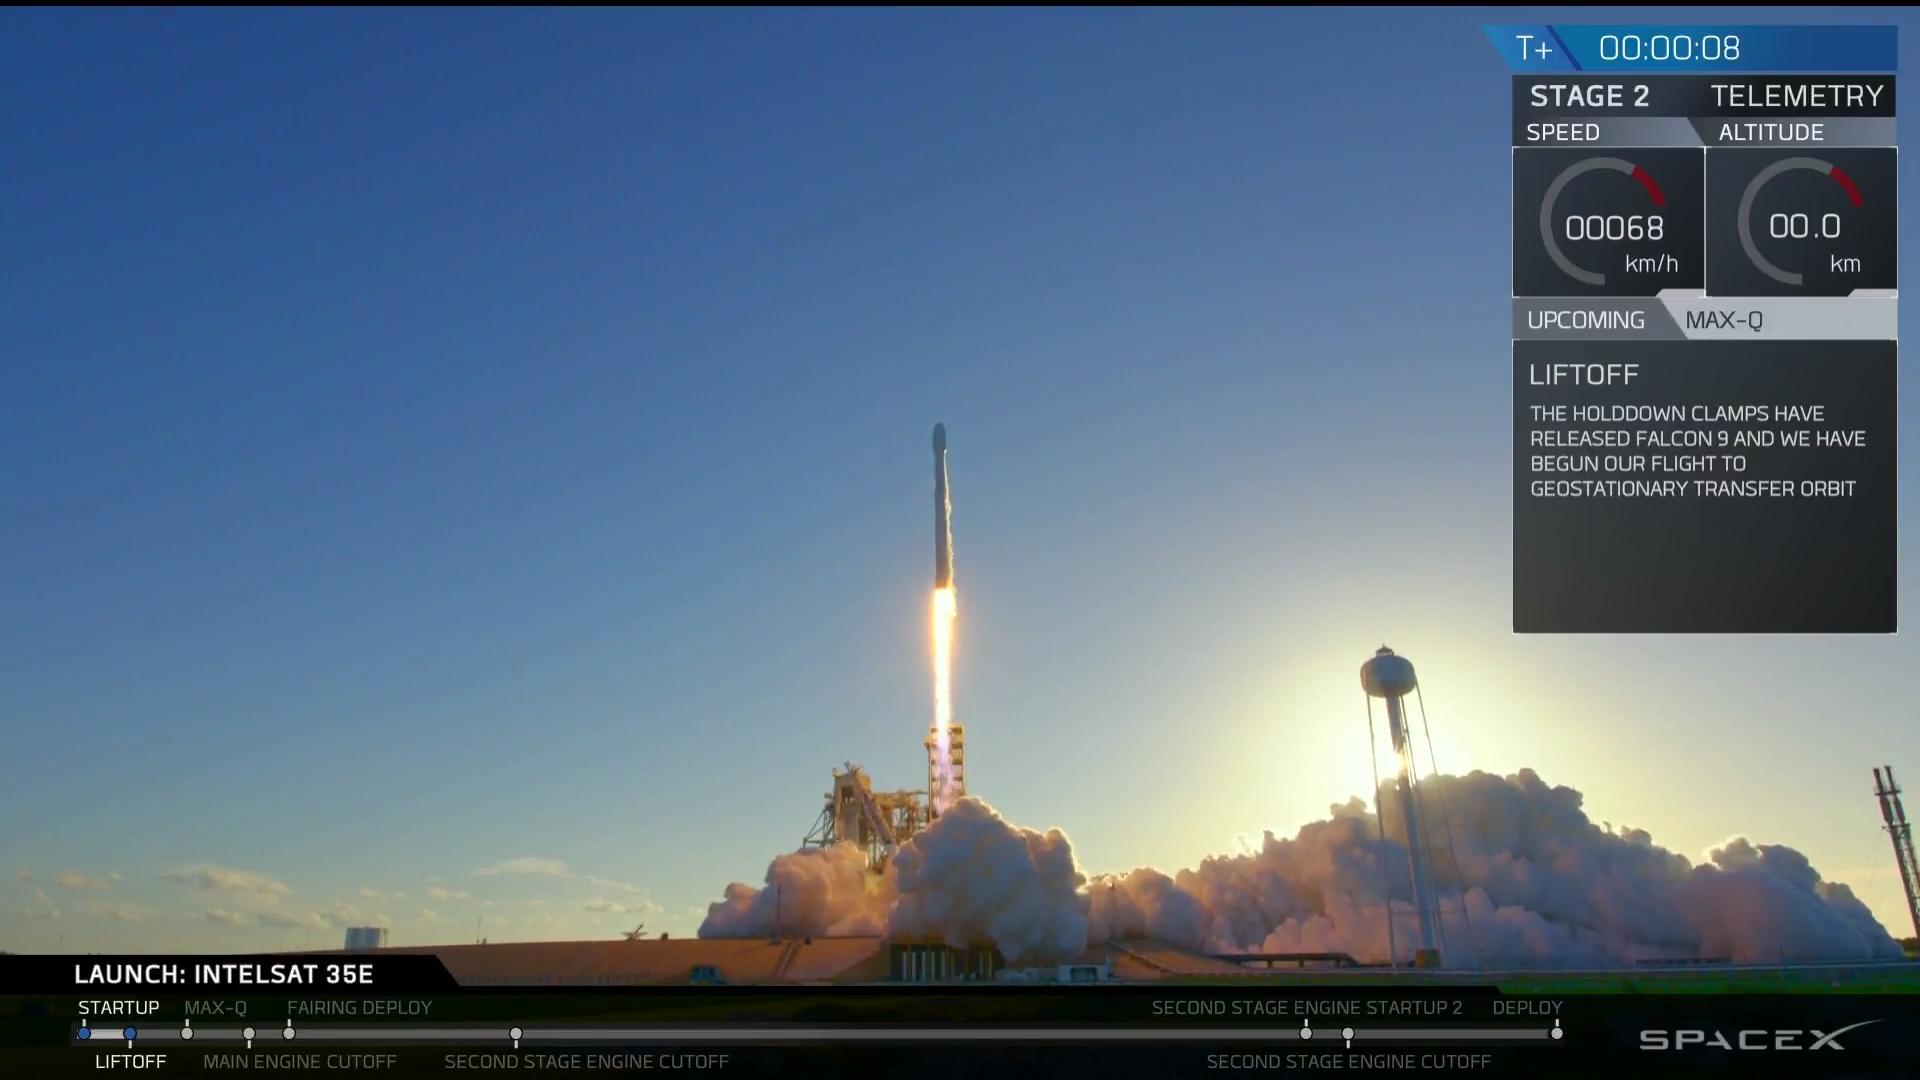 Po bezawaryjnym odliczeniu rakieta oderwała się od ziemi.